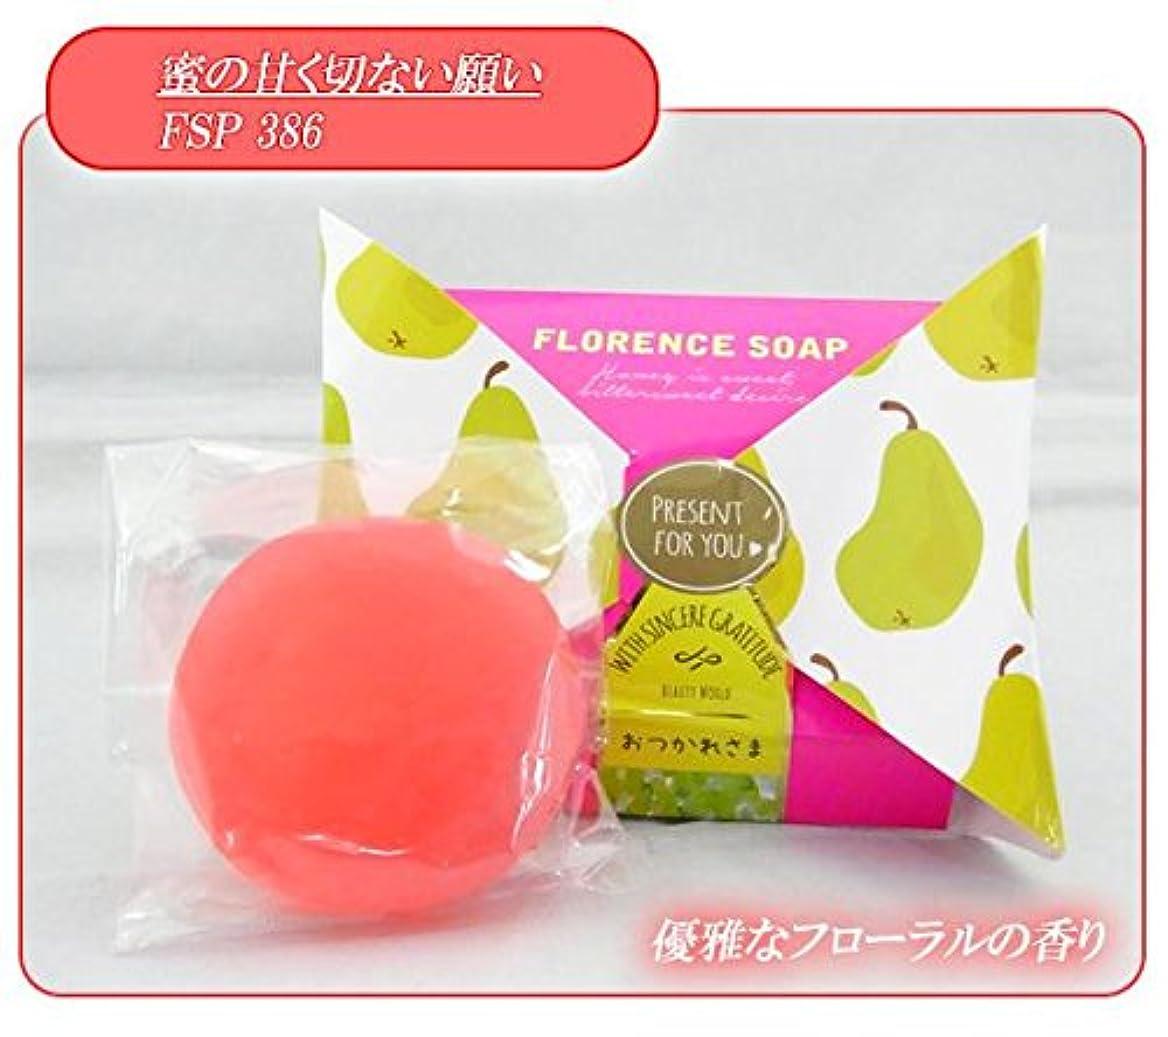 欠員怠グラディスビューティーワールド BWフローレンスの香り石けん リボンパッケージ 6個セット 蜜の甘く切ない願い